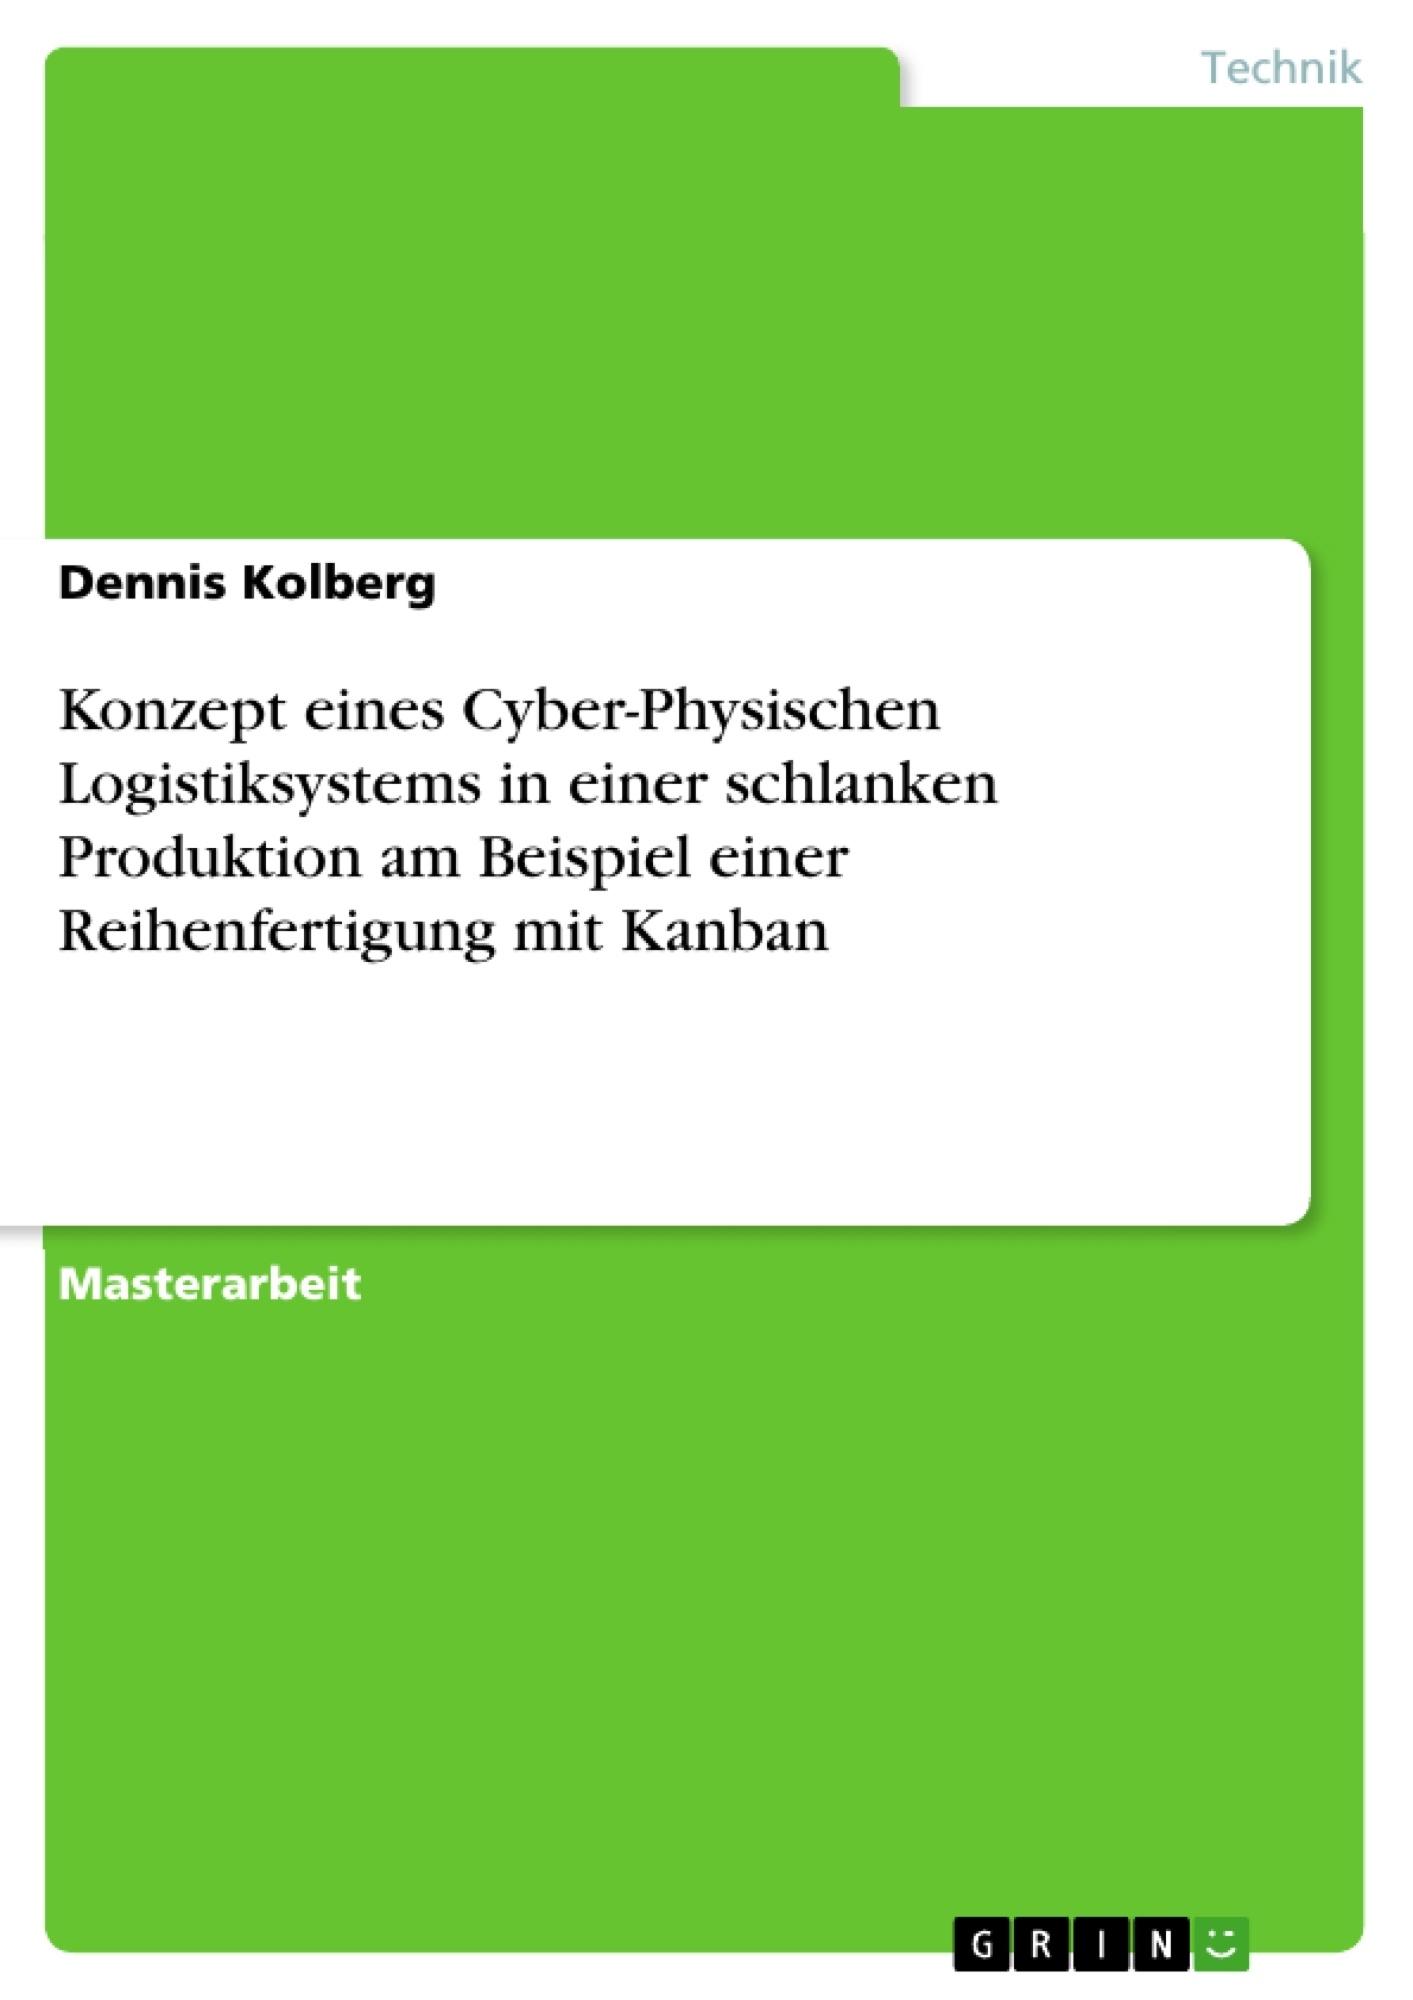 Titel: Konzept eines Cyber-Physischen Logistiksystems in einer schlanken Produktion am Beispiel einer Reihenfertigung mit Kanban